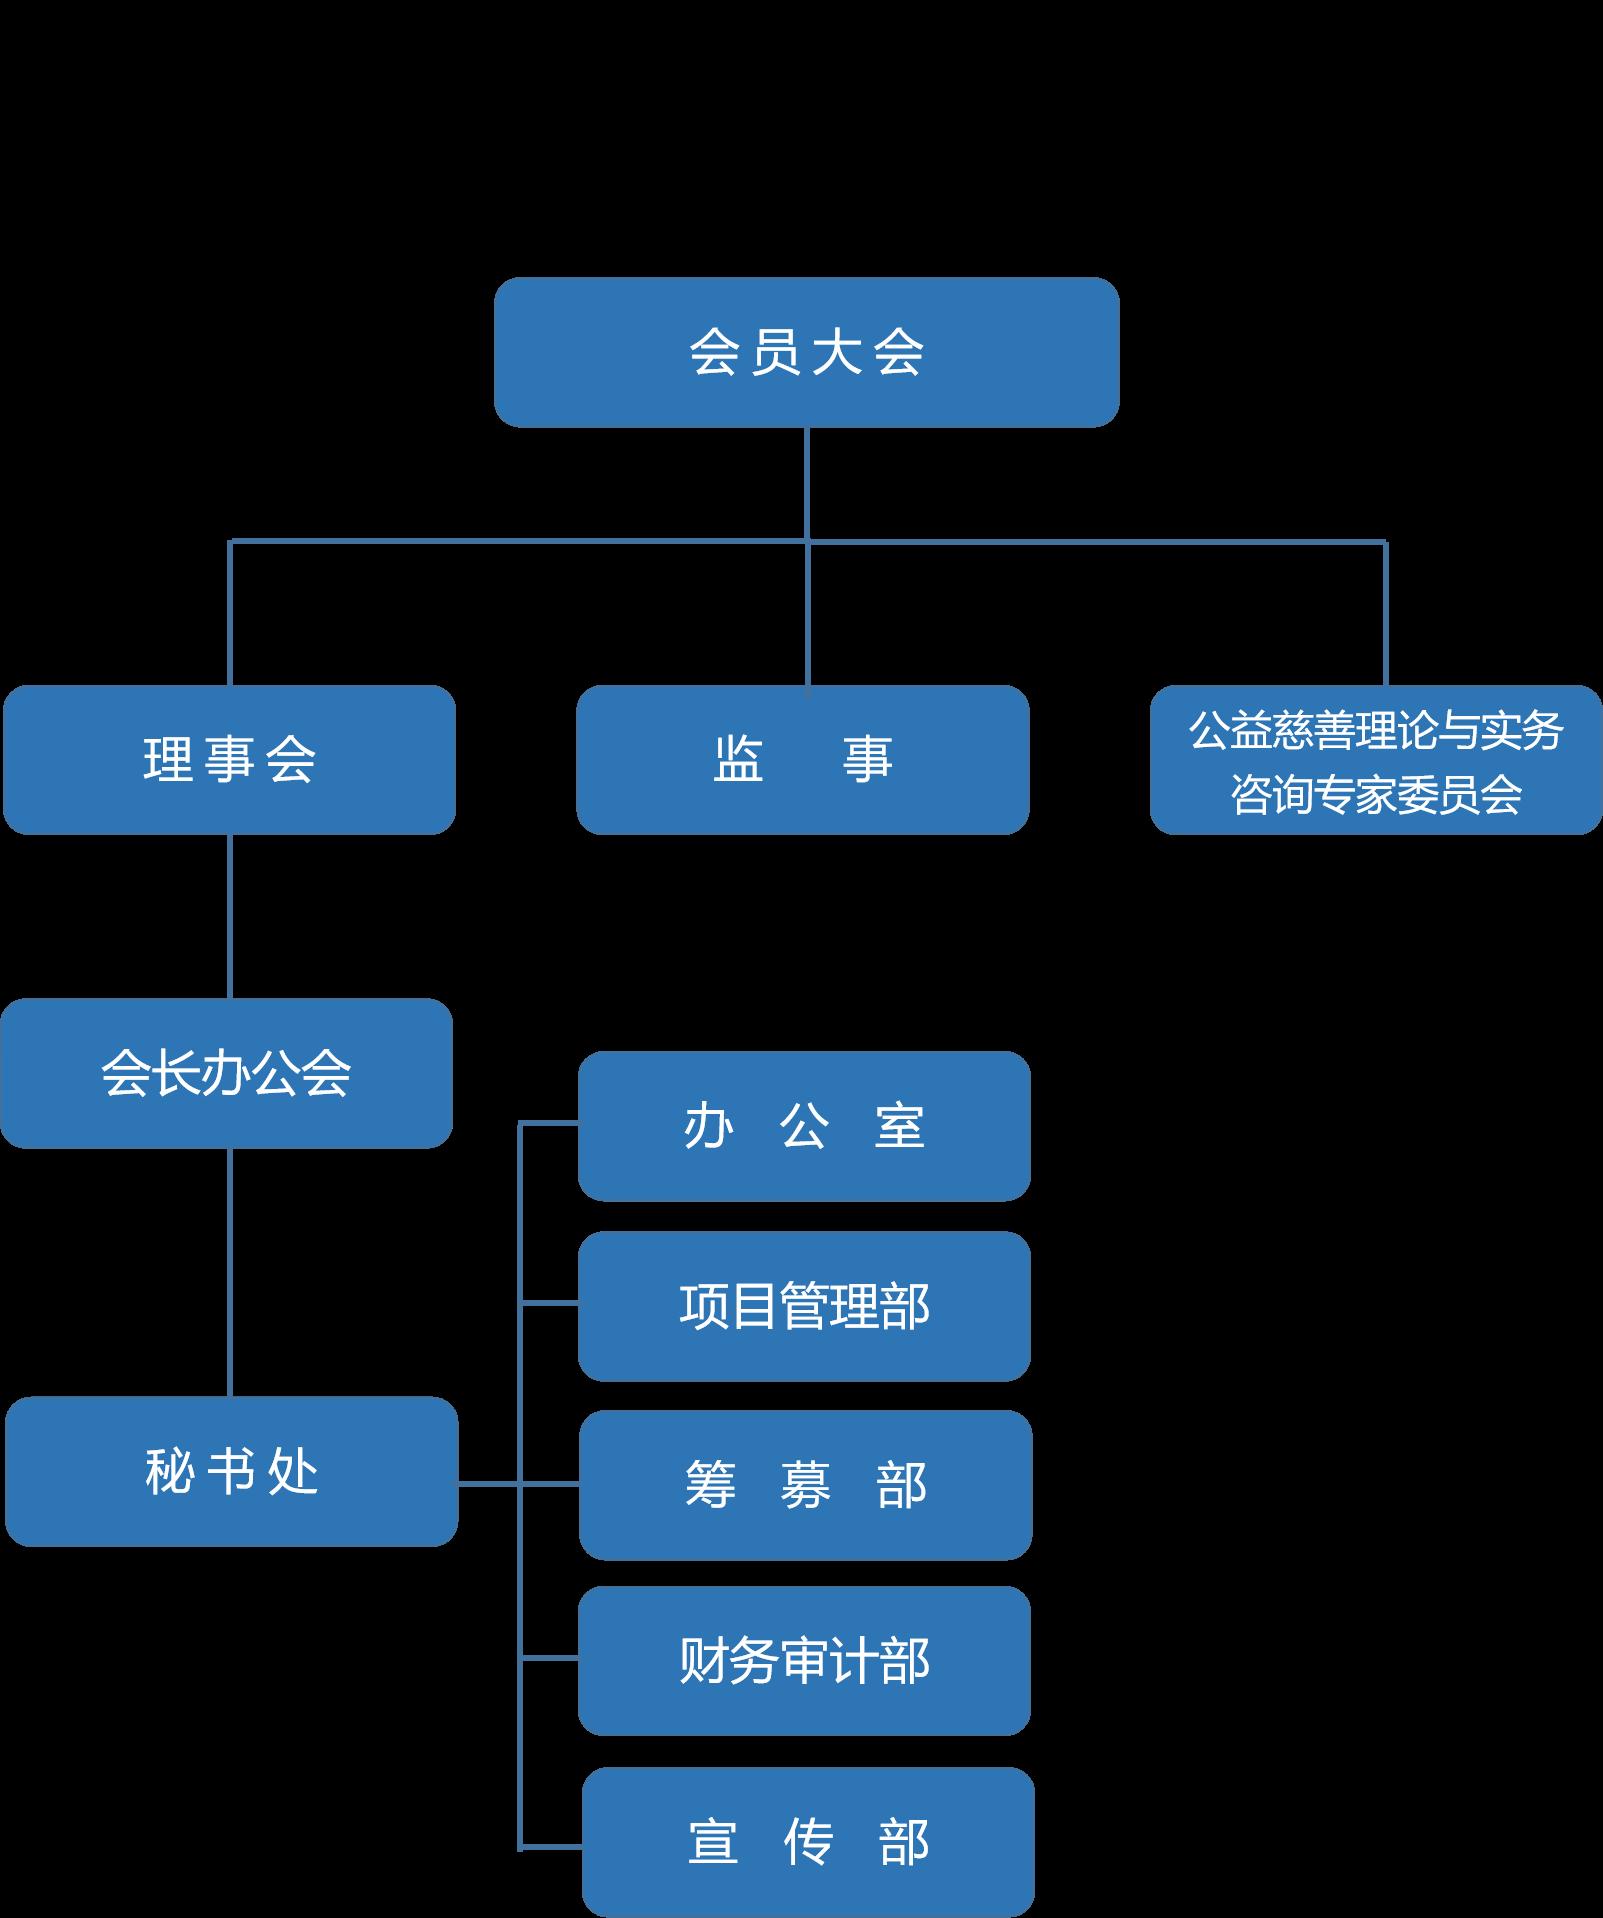 总会架构图.png